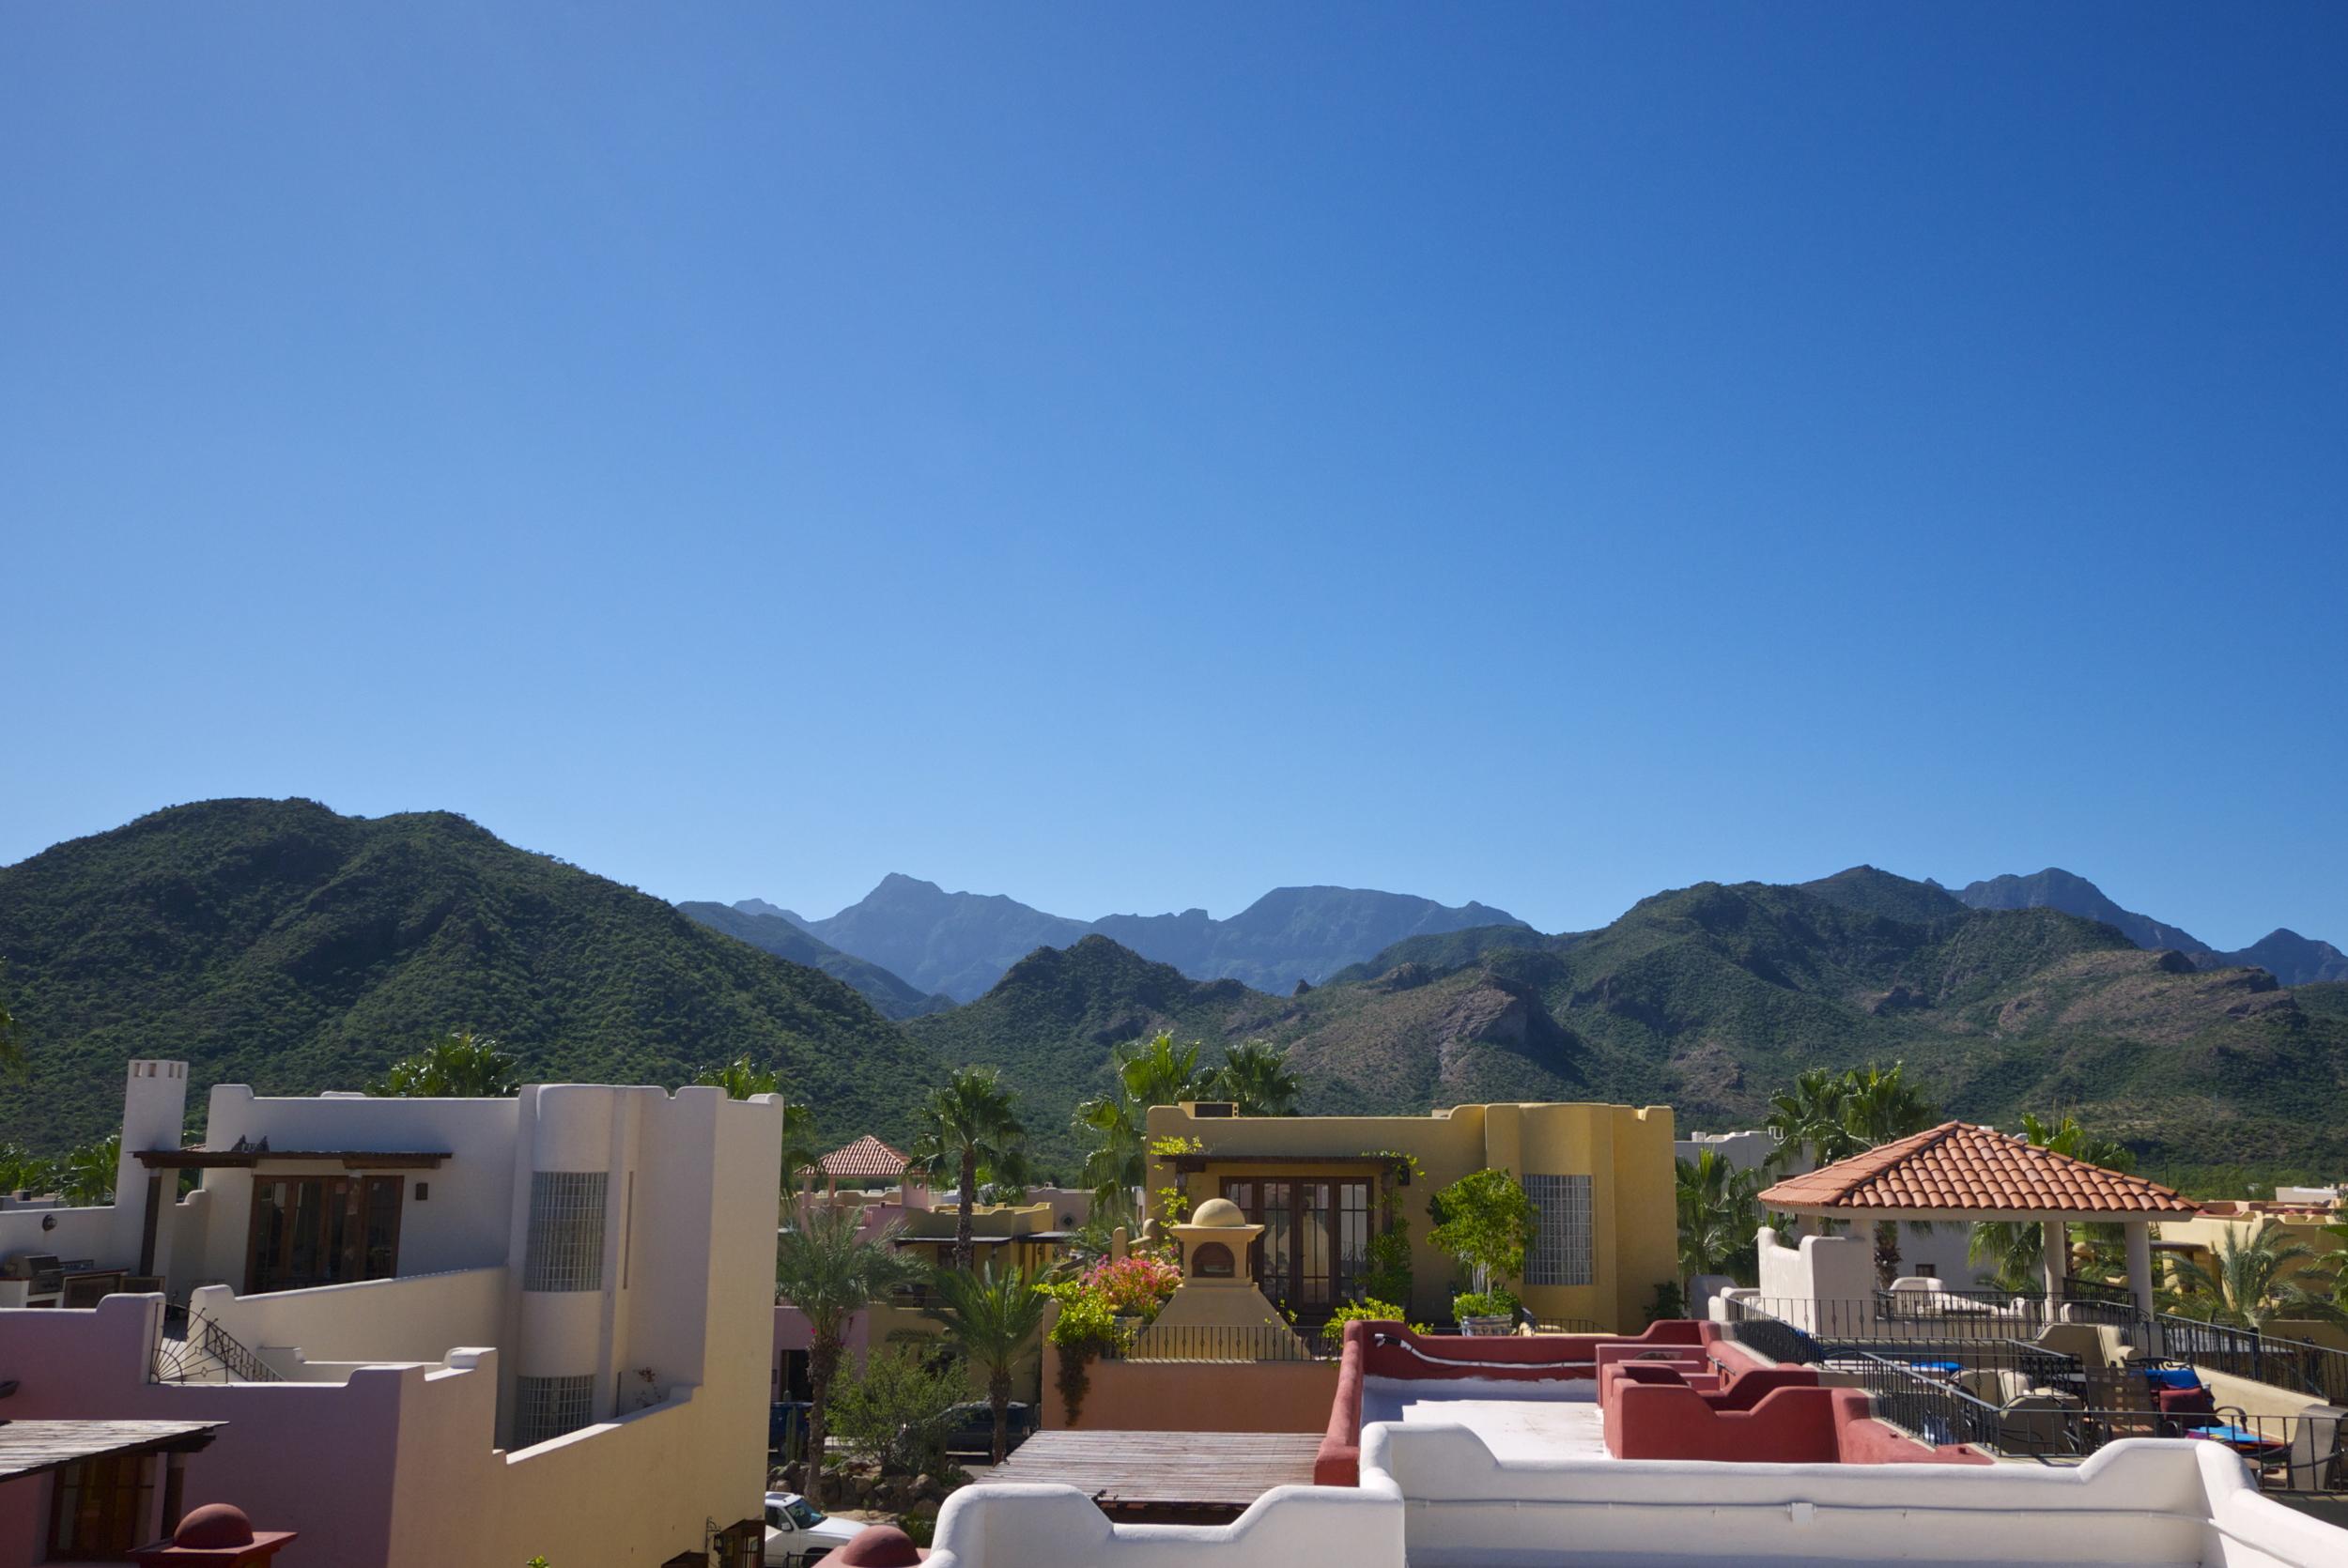 Stunning views of La Giganta Mountains